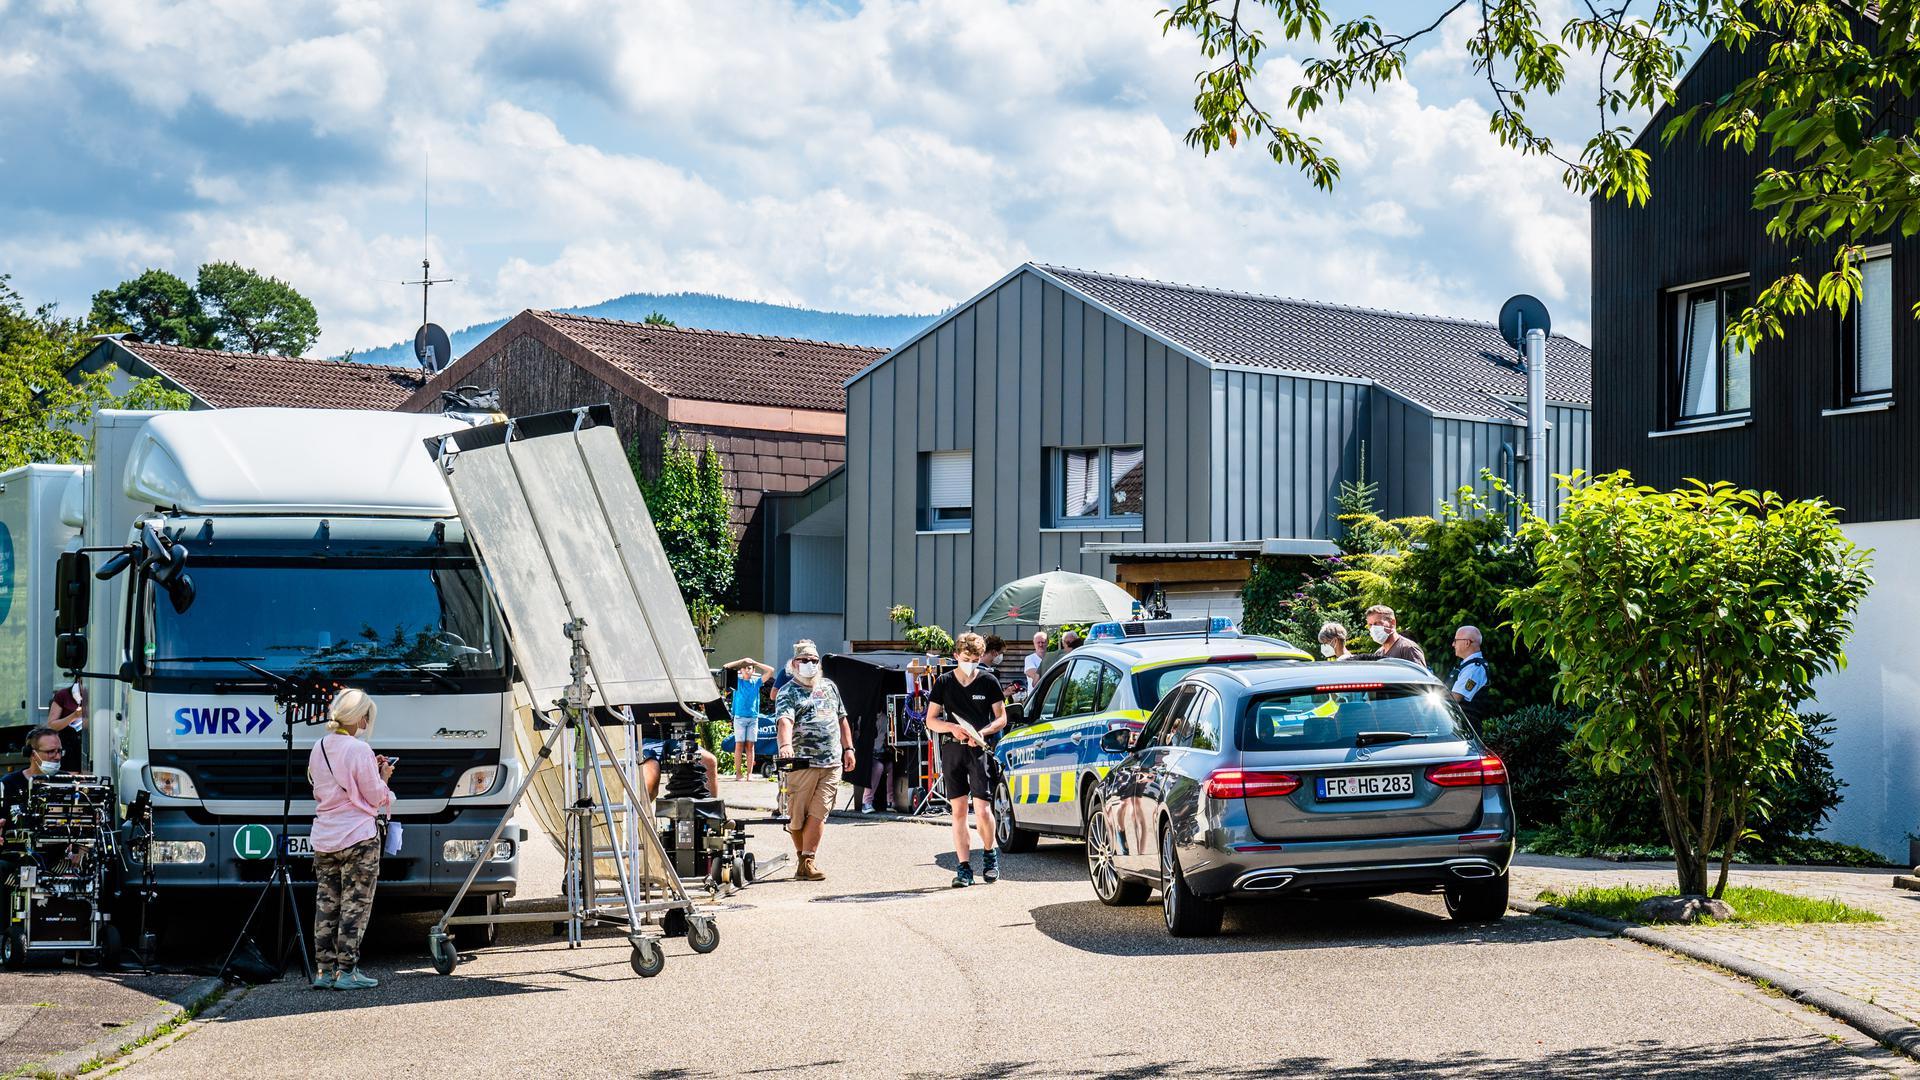 SWR Filmaufnahmen vor einem Haus